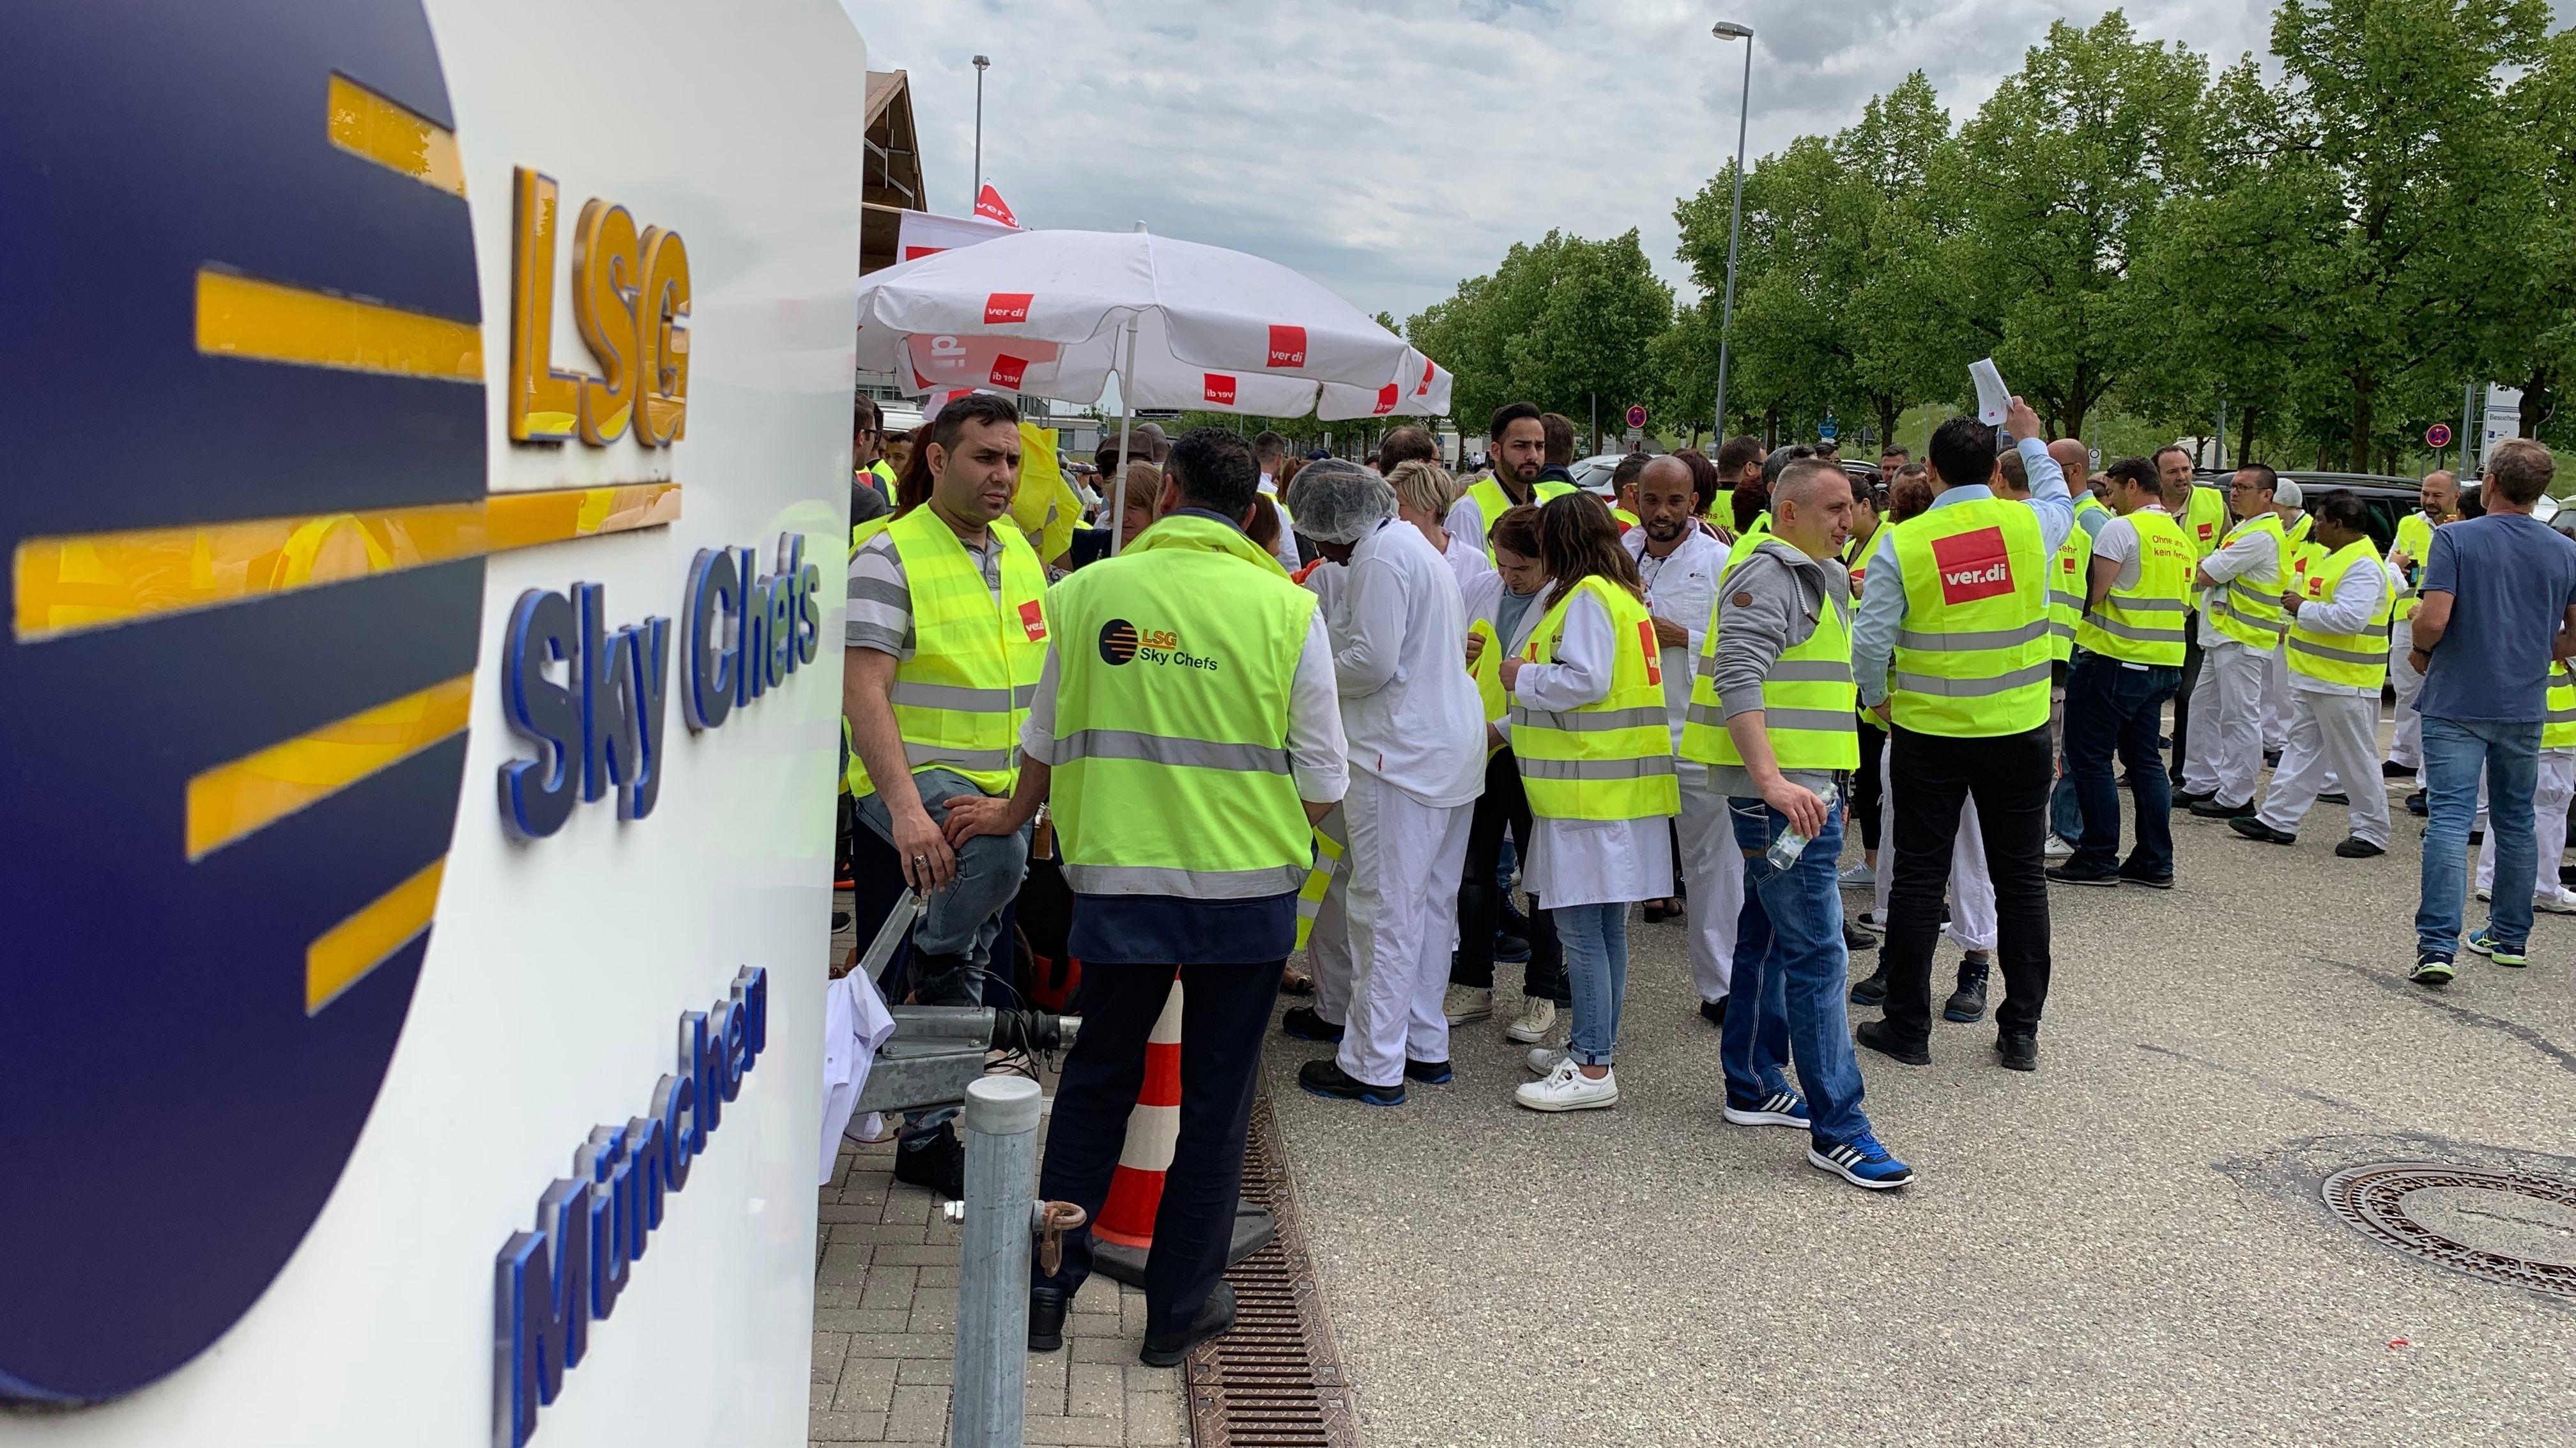 Protest von LSG-Beschäftigten am Flughafen München